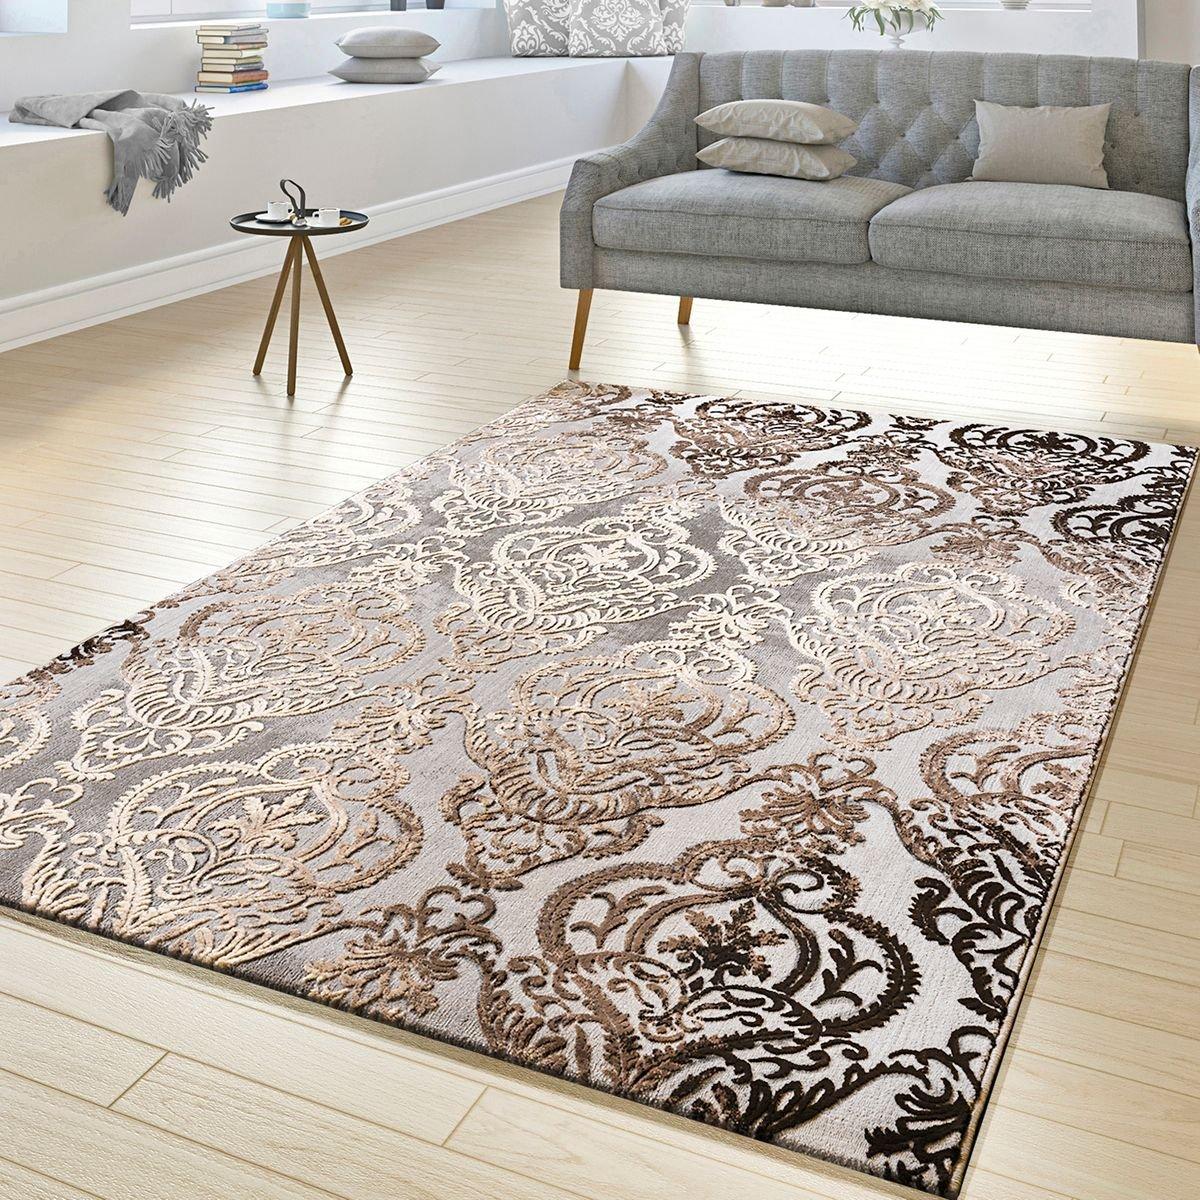 T& T Design Tappeto Salotto Astratto Ornamento Disegno A Pelo Corto Tappeto Mélange Grigio Beige, Größe:80x150 cm